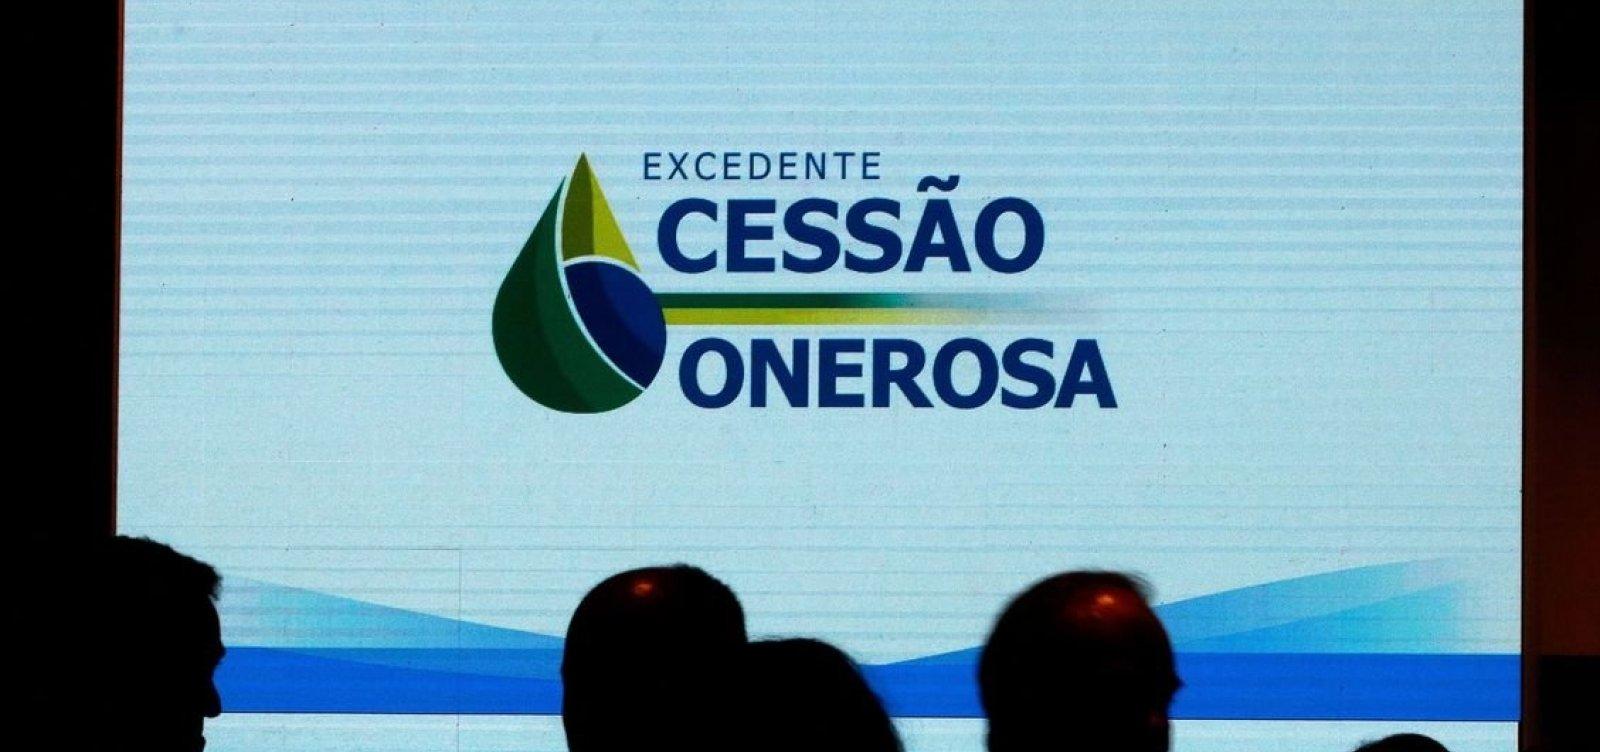 Estado e municípios baianos recebem mais de R$ 861 mi da cessão onerosa